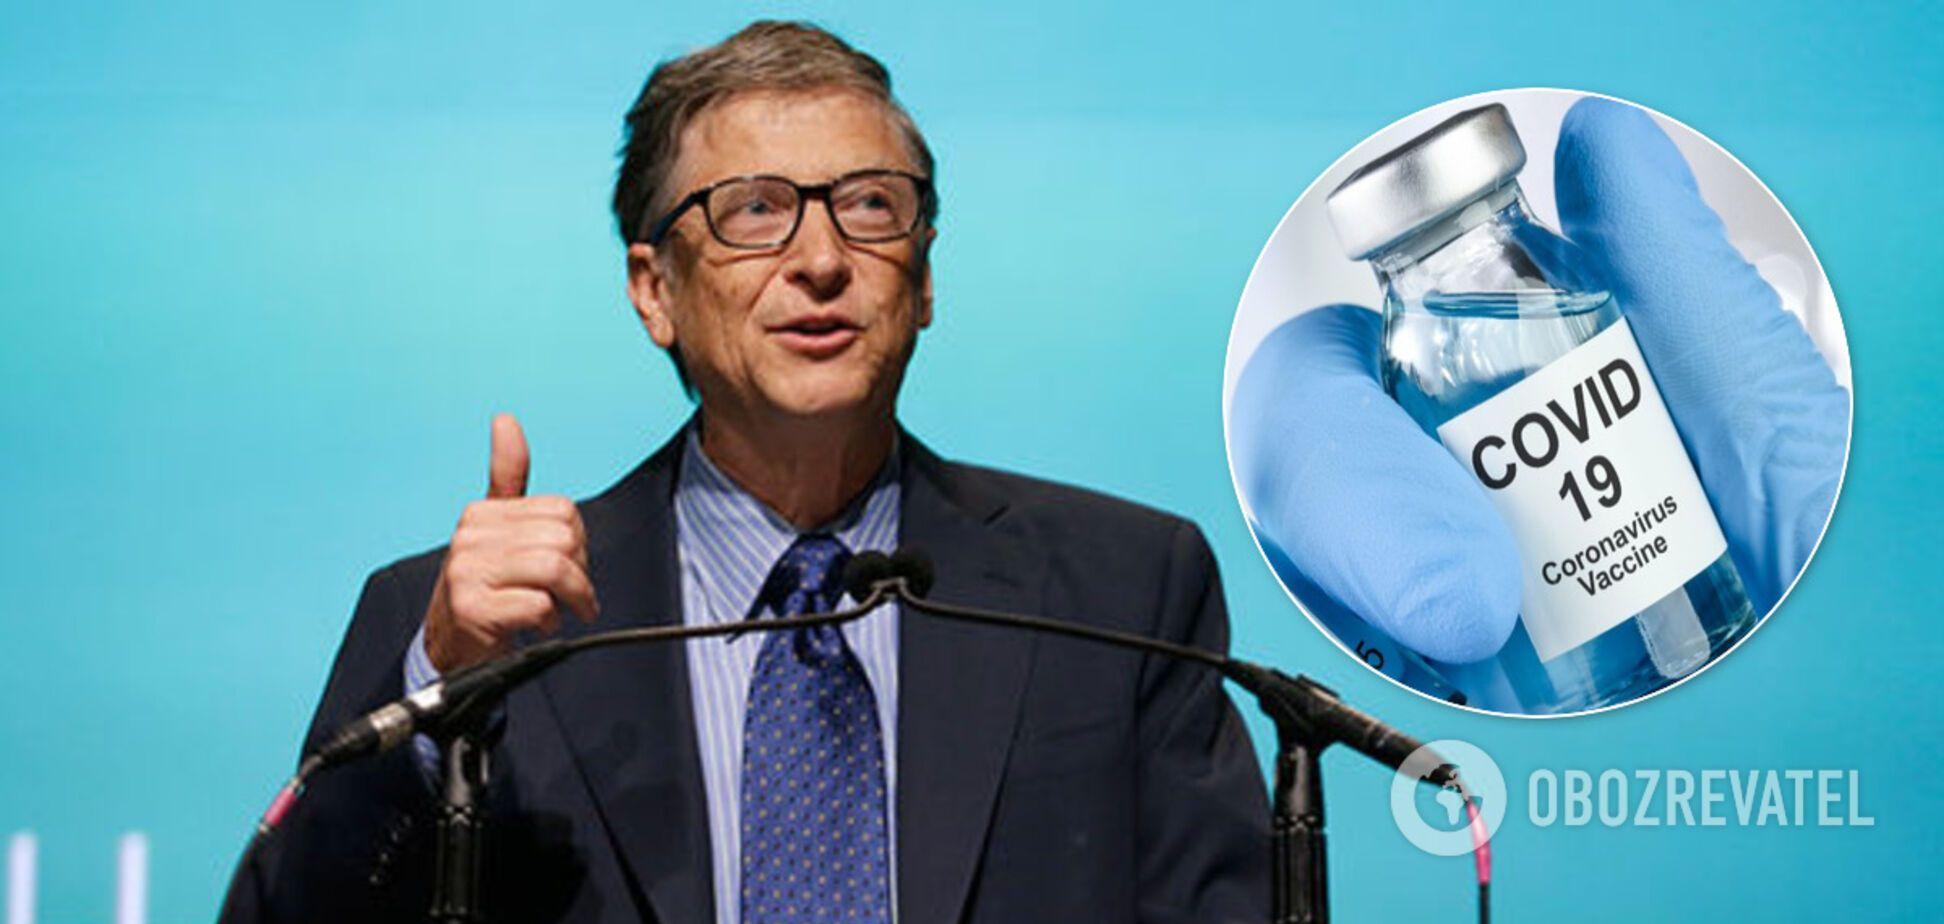 Білл Гейтс назвав реальний термін виходу вакцини проти коронавірусу